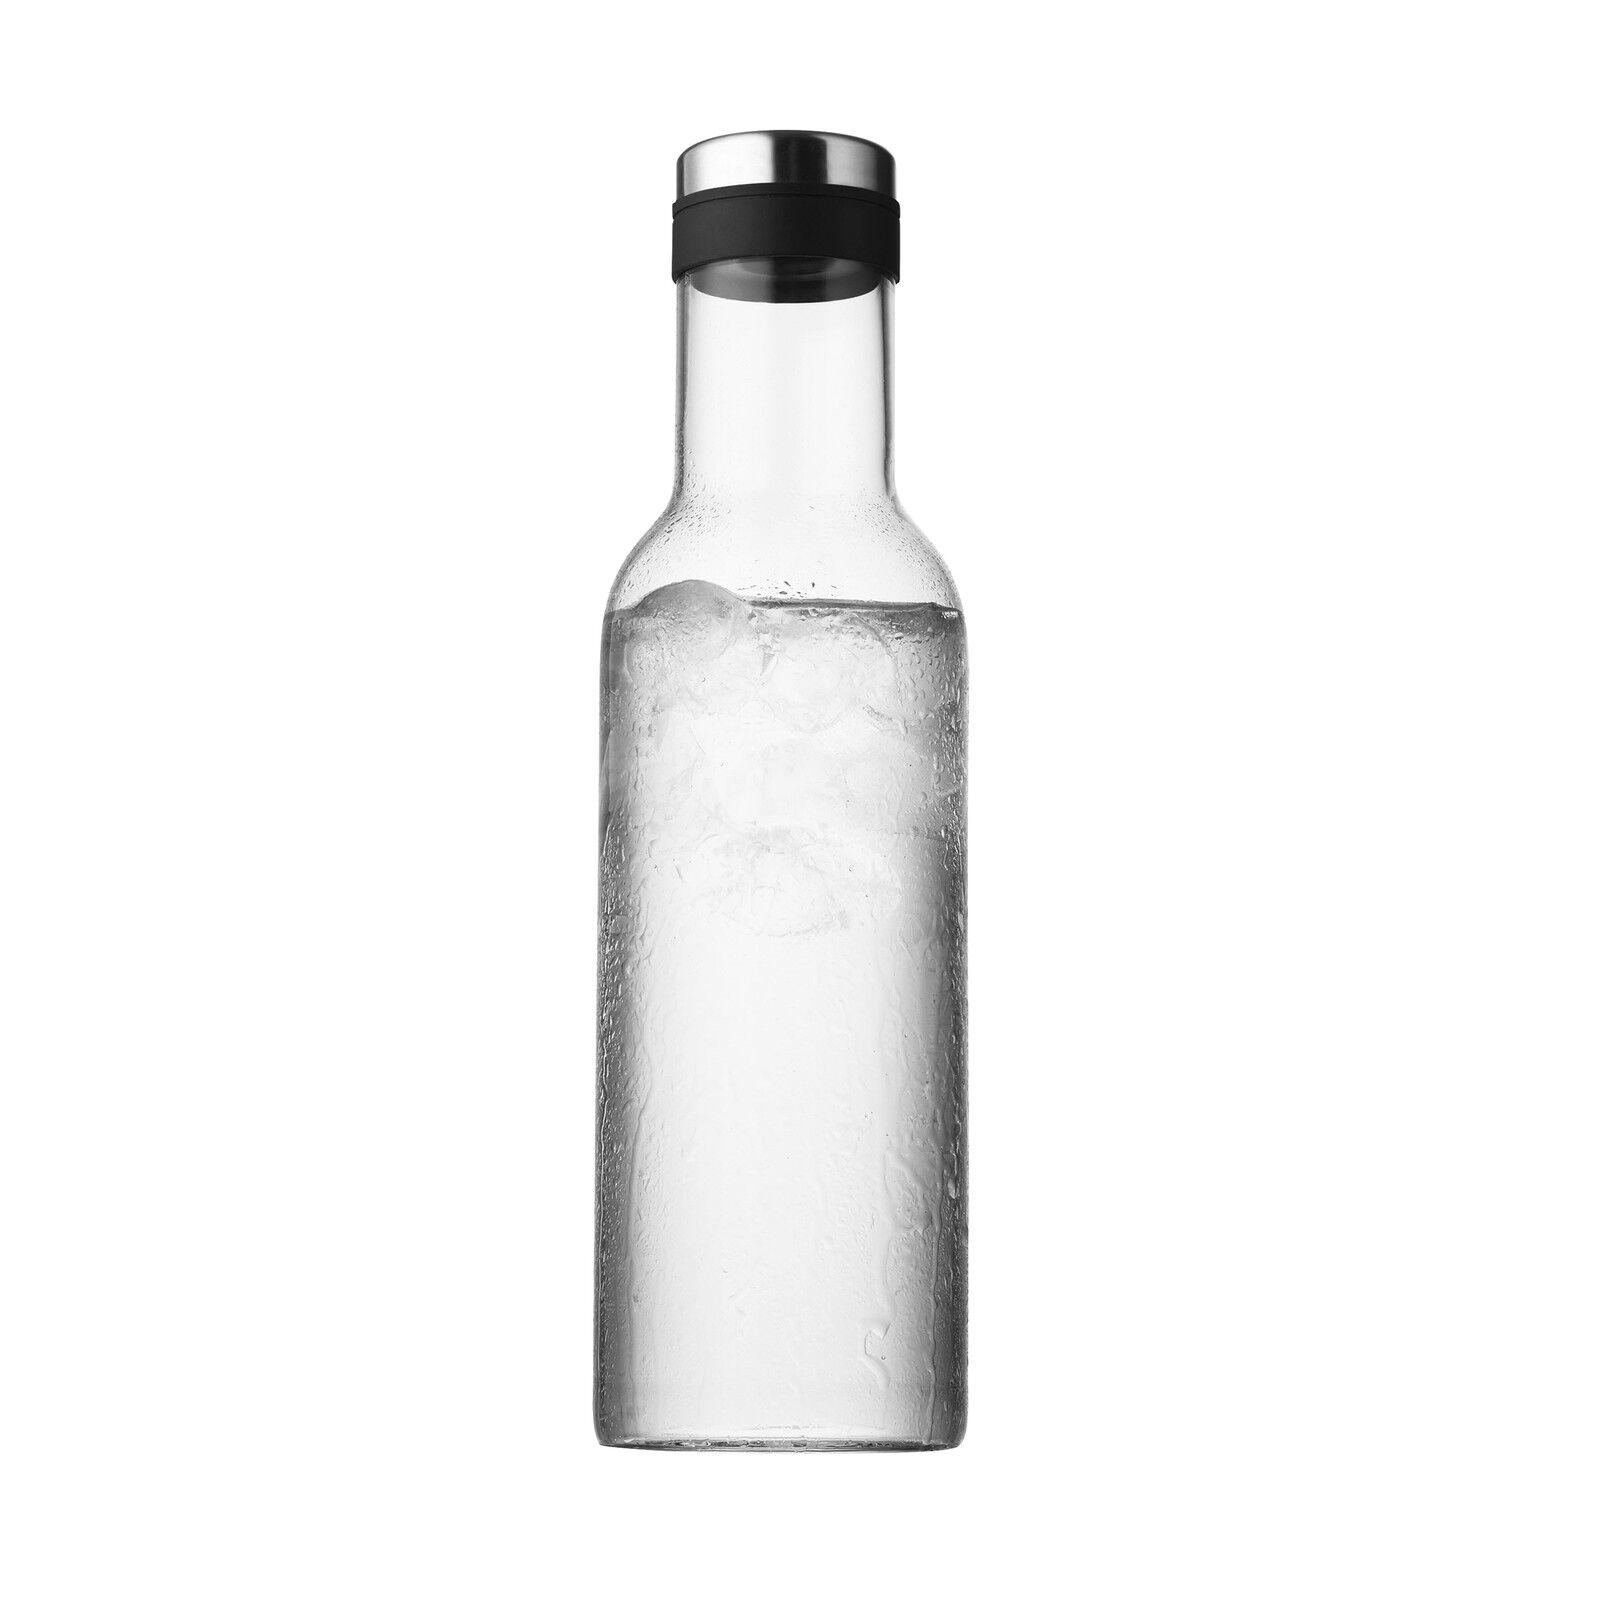 Menu New Norm Wasserflasche klar ø 8 cm, h 28 cm | Ich kann es nicht ablegen